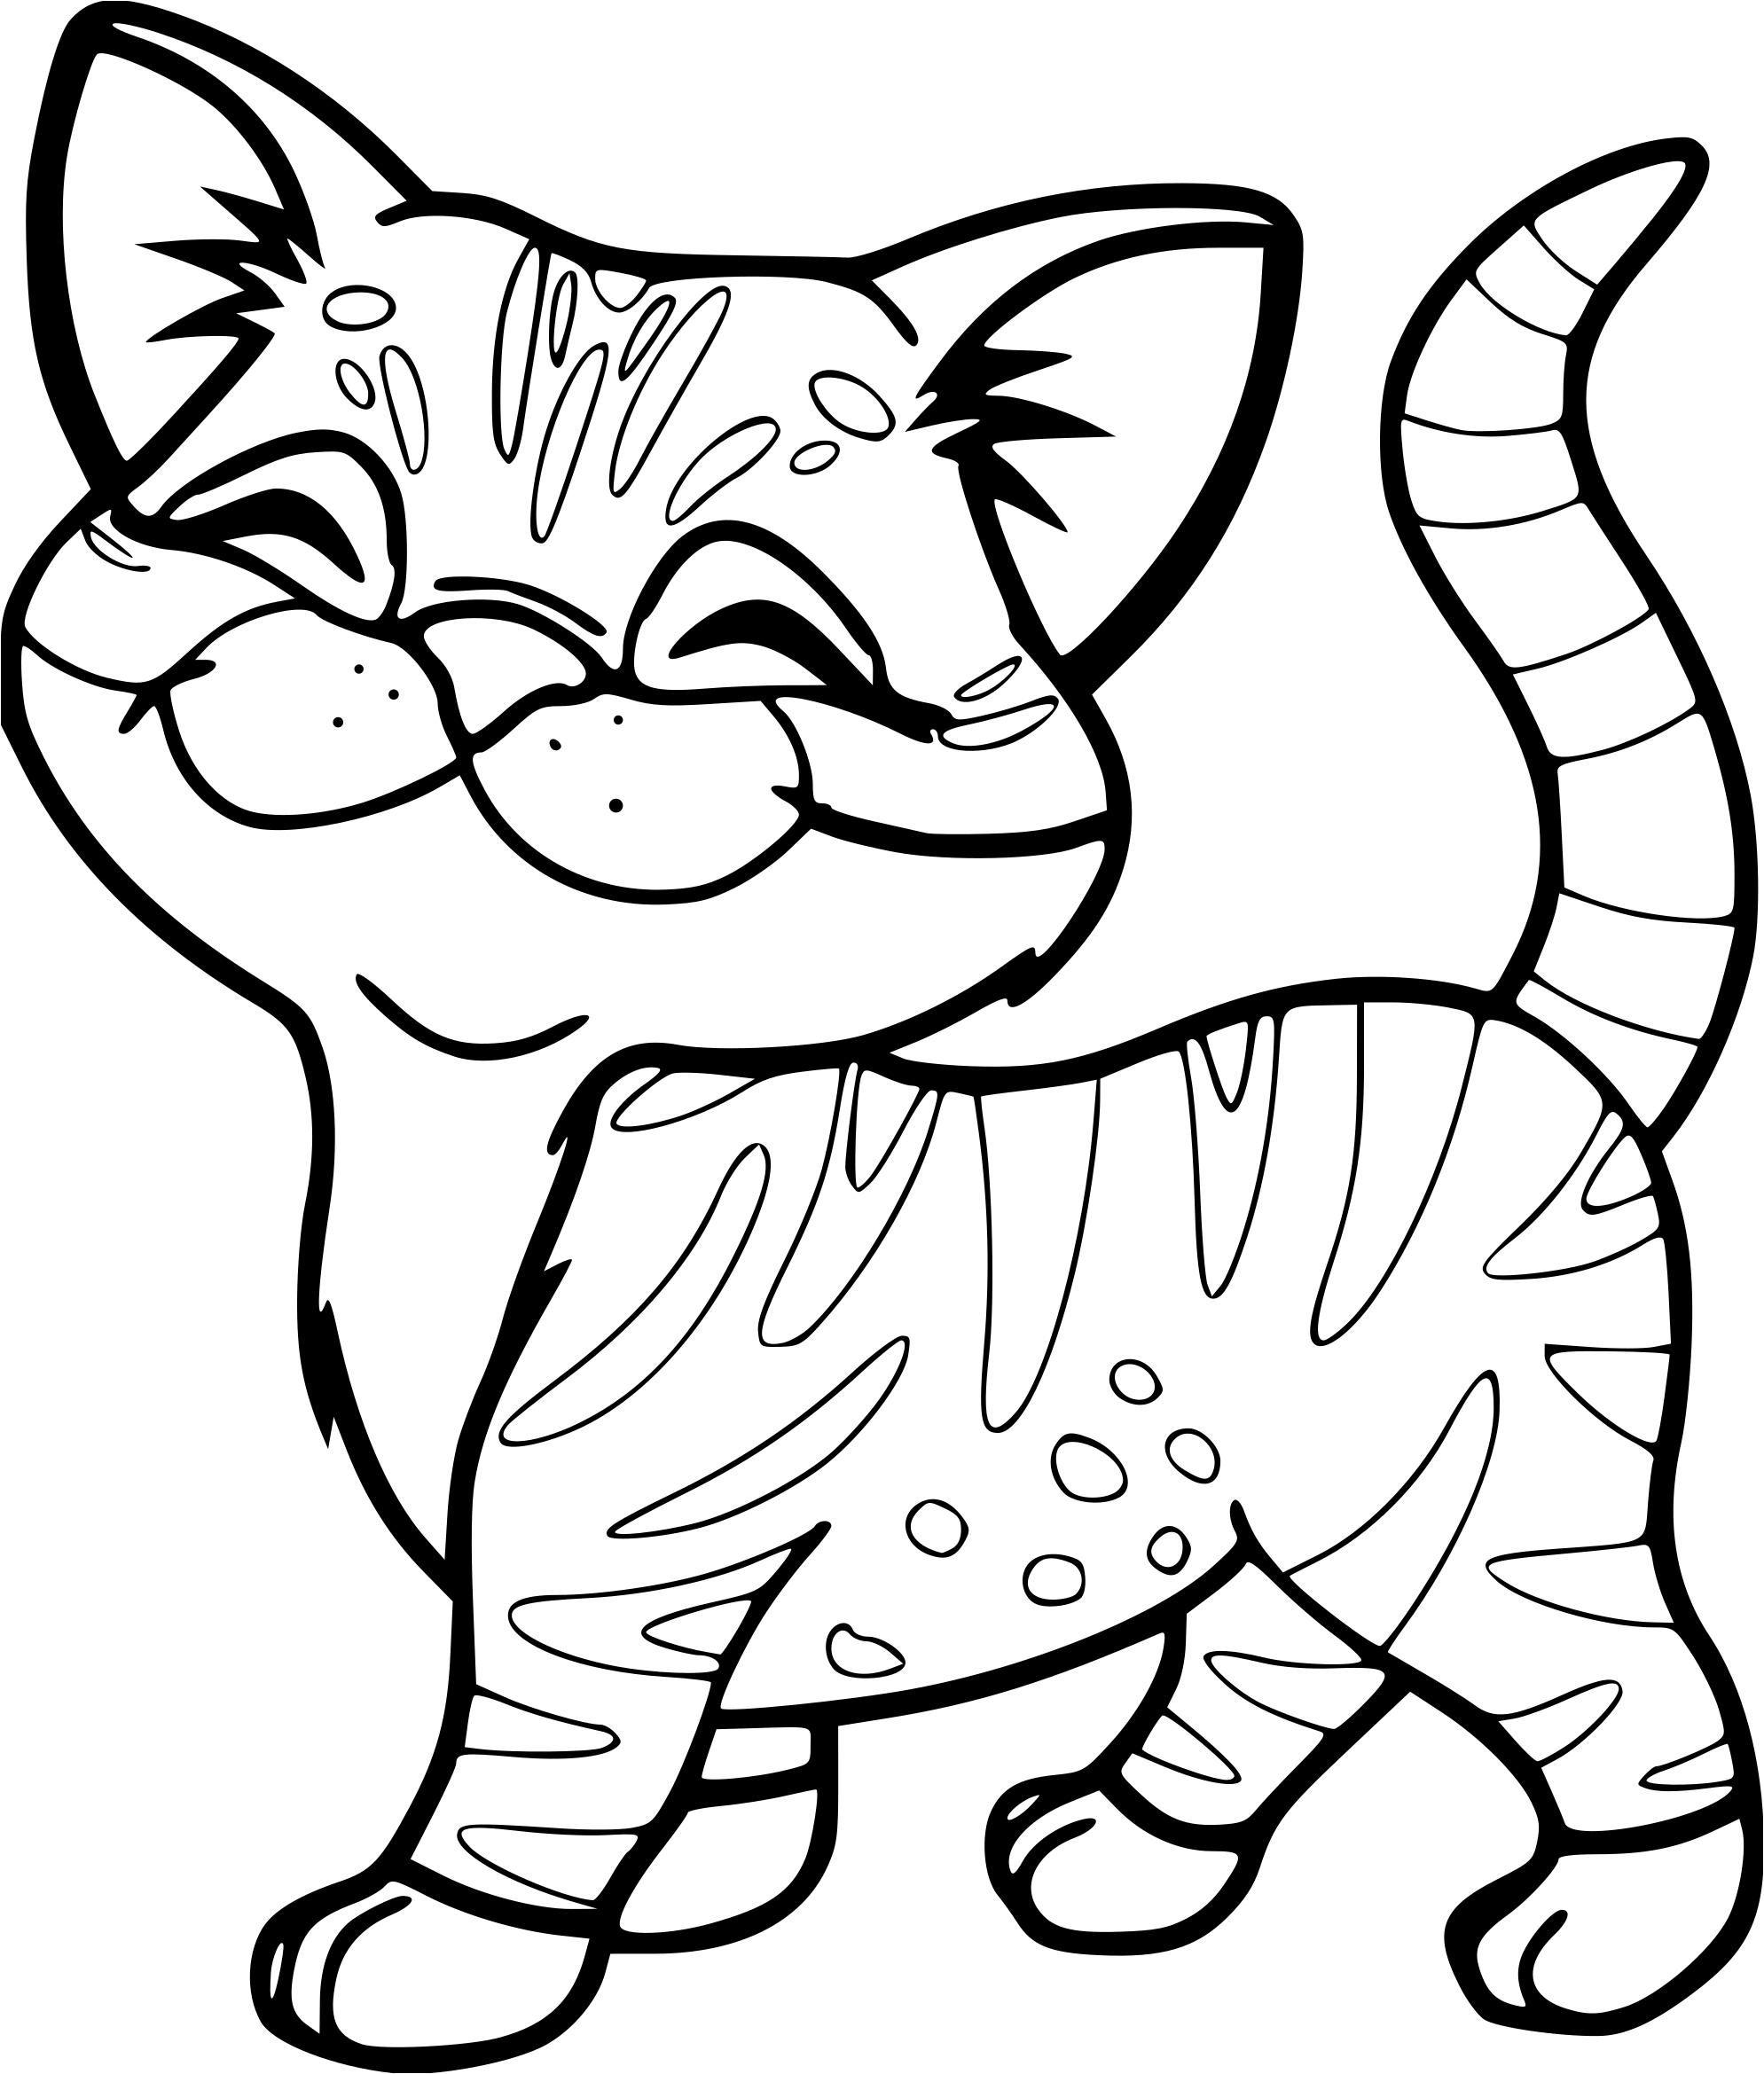 Coloriage animaux mignon inspiration coloriage animaux de - Dessin a colorier en ligne ...